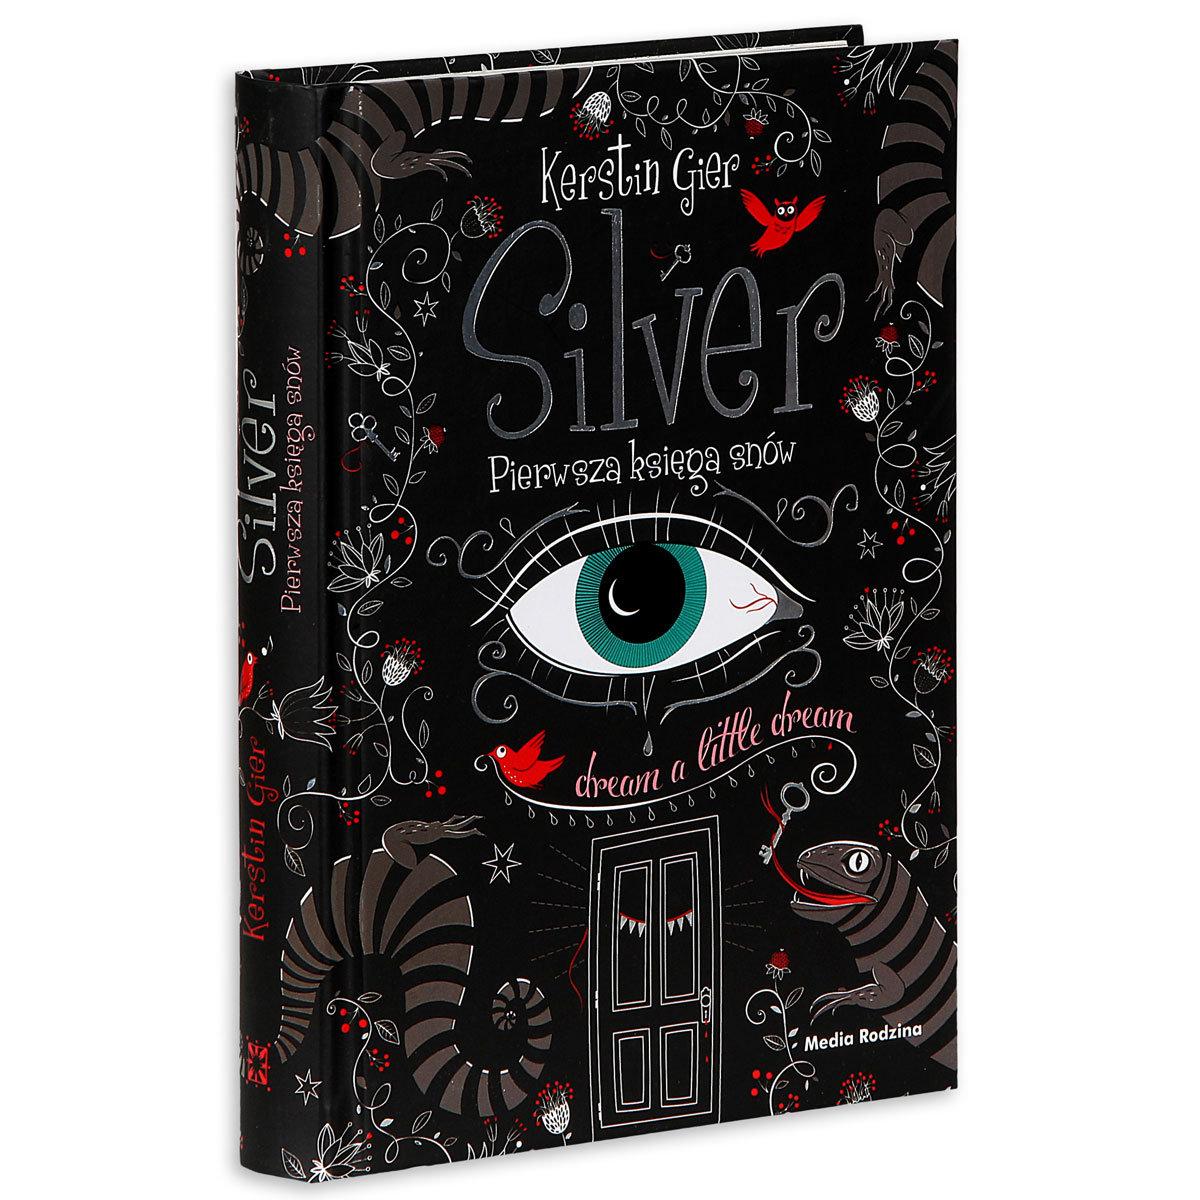 Znalezione obrazy dla zapytania silver pierwsza księga snów